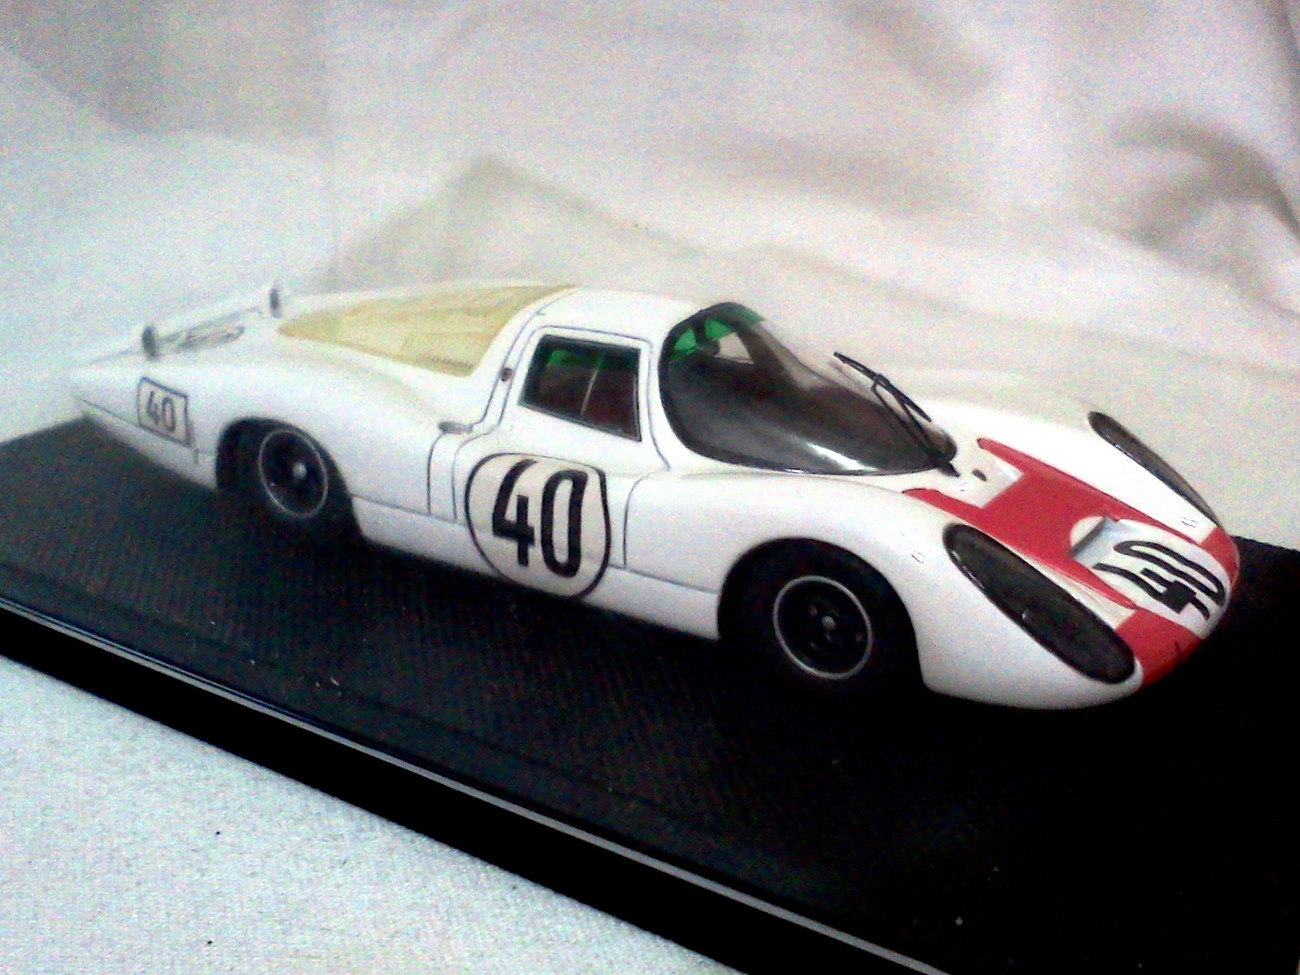 Porsche 907 le mans no. 40 whitered resin.4